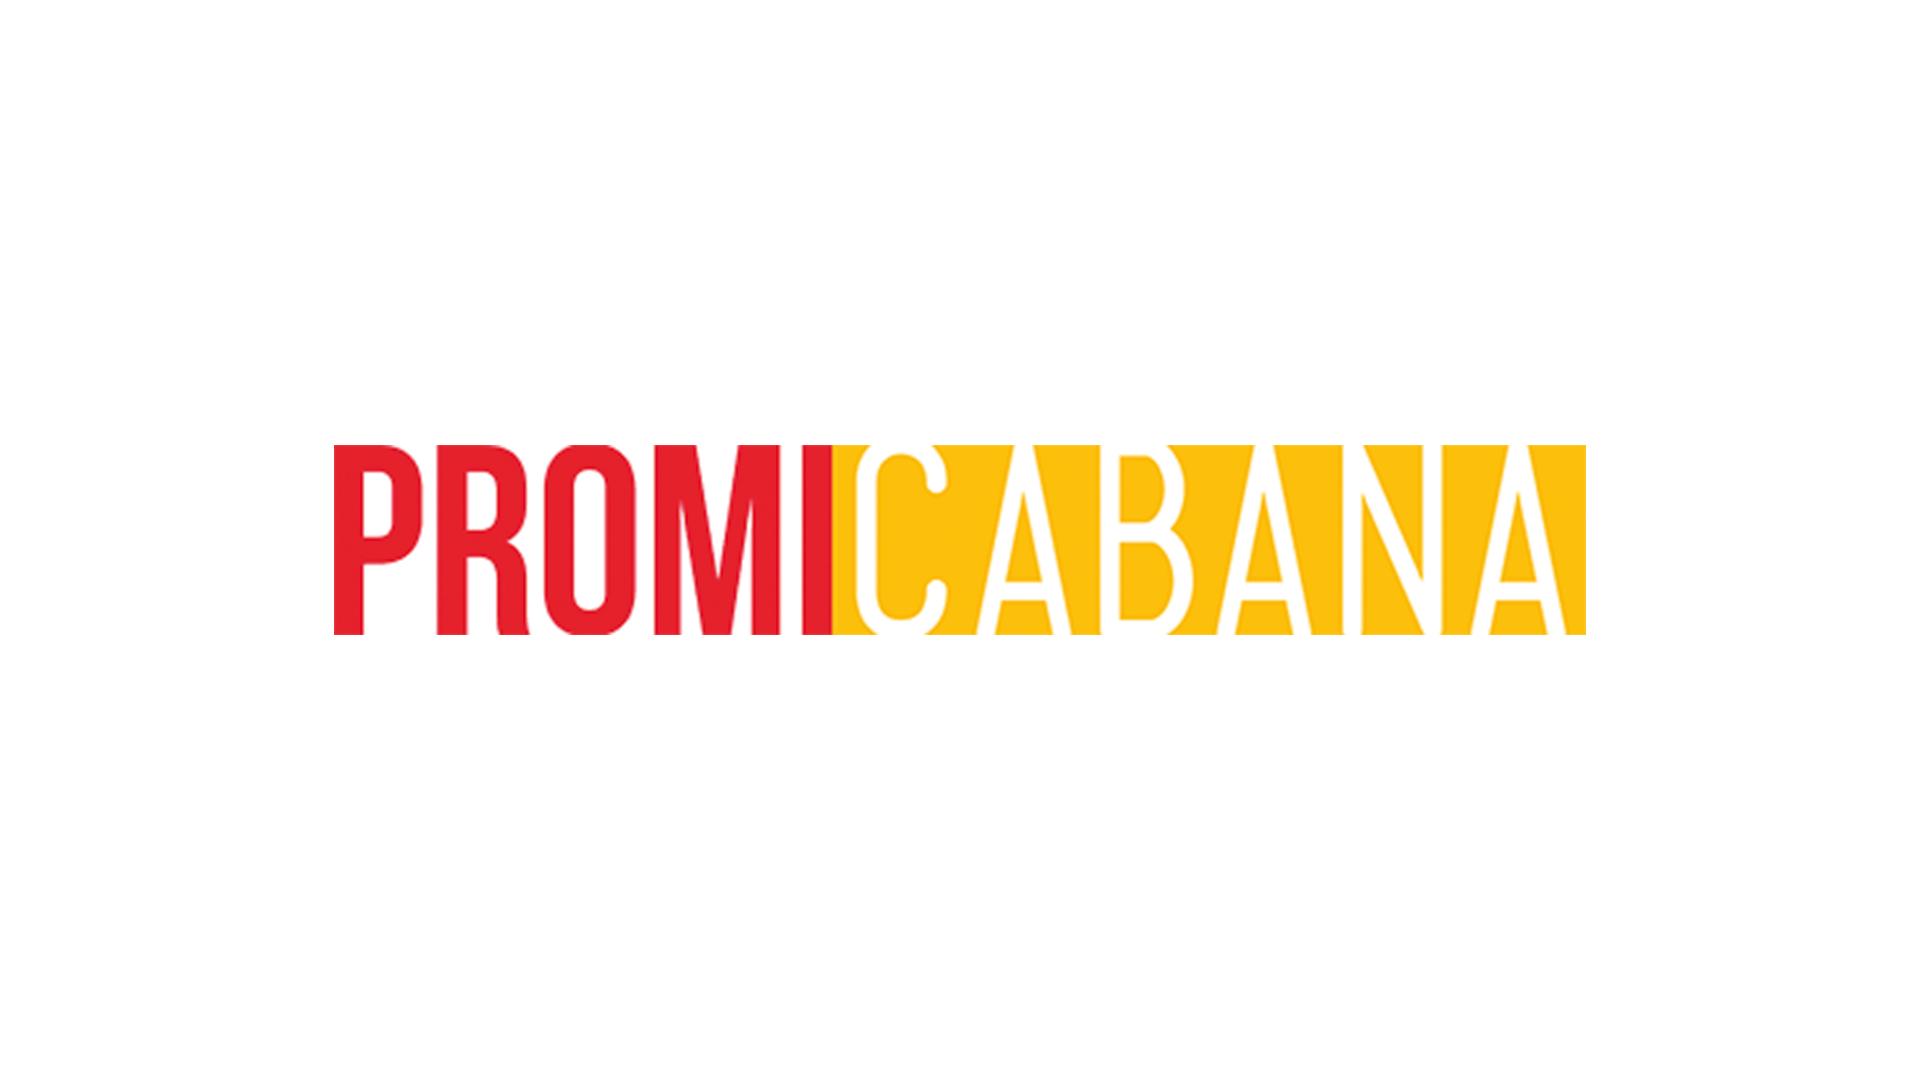 Justin-Bieber-Wetten-Dass-Backstage